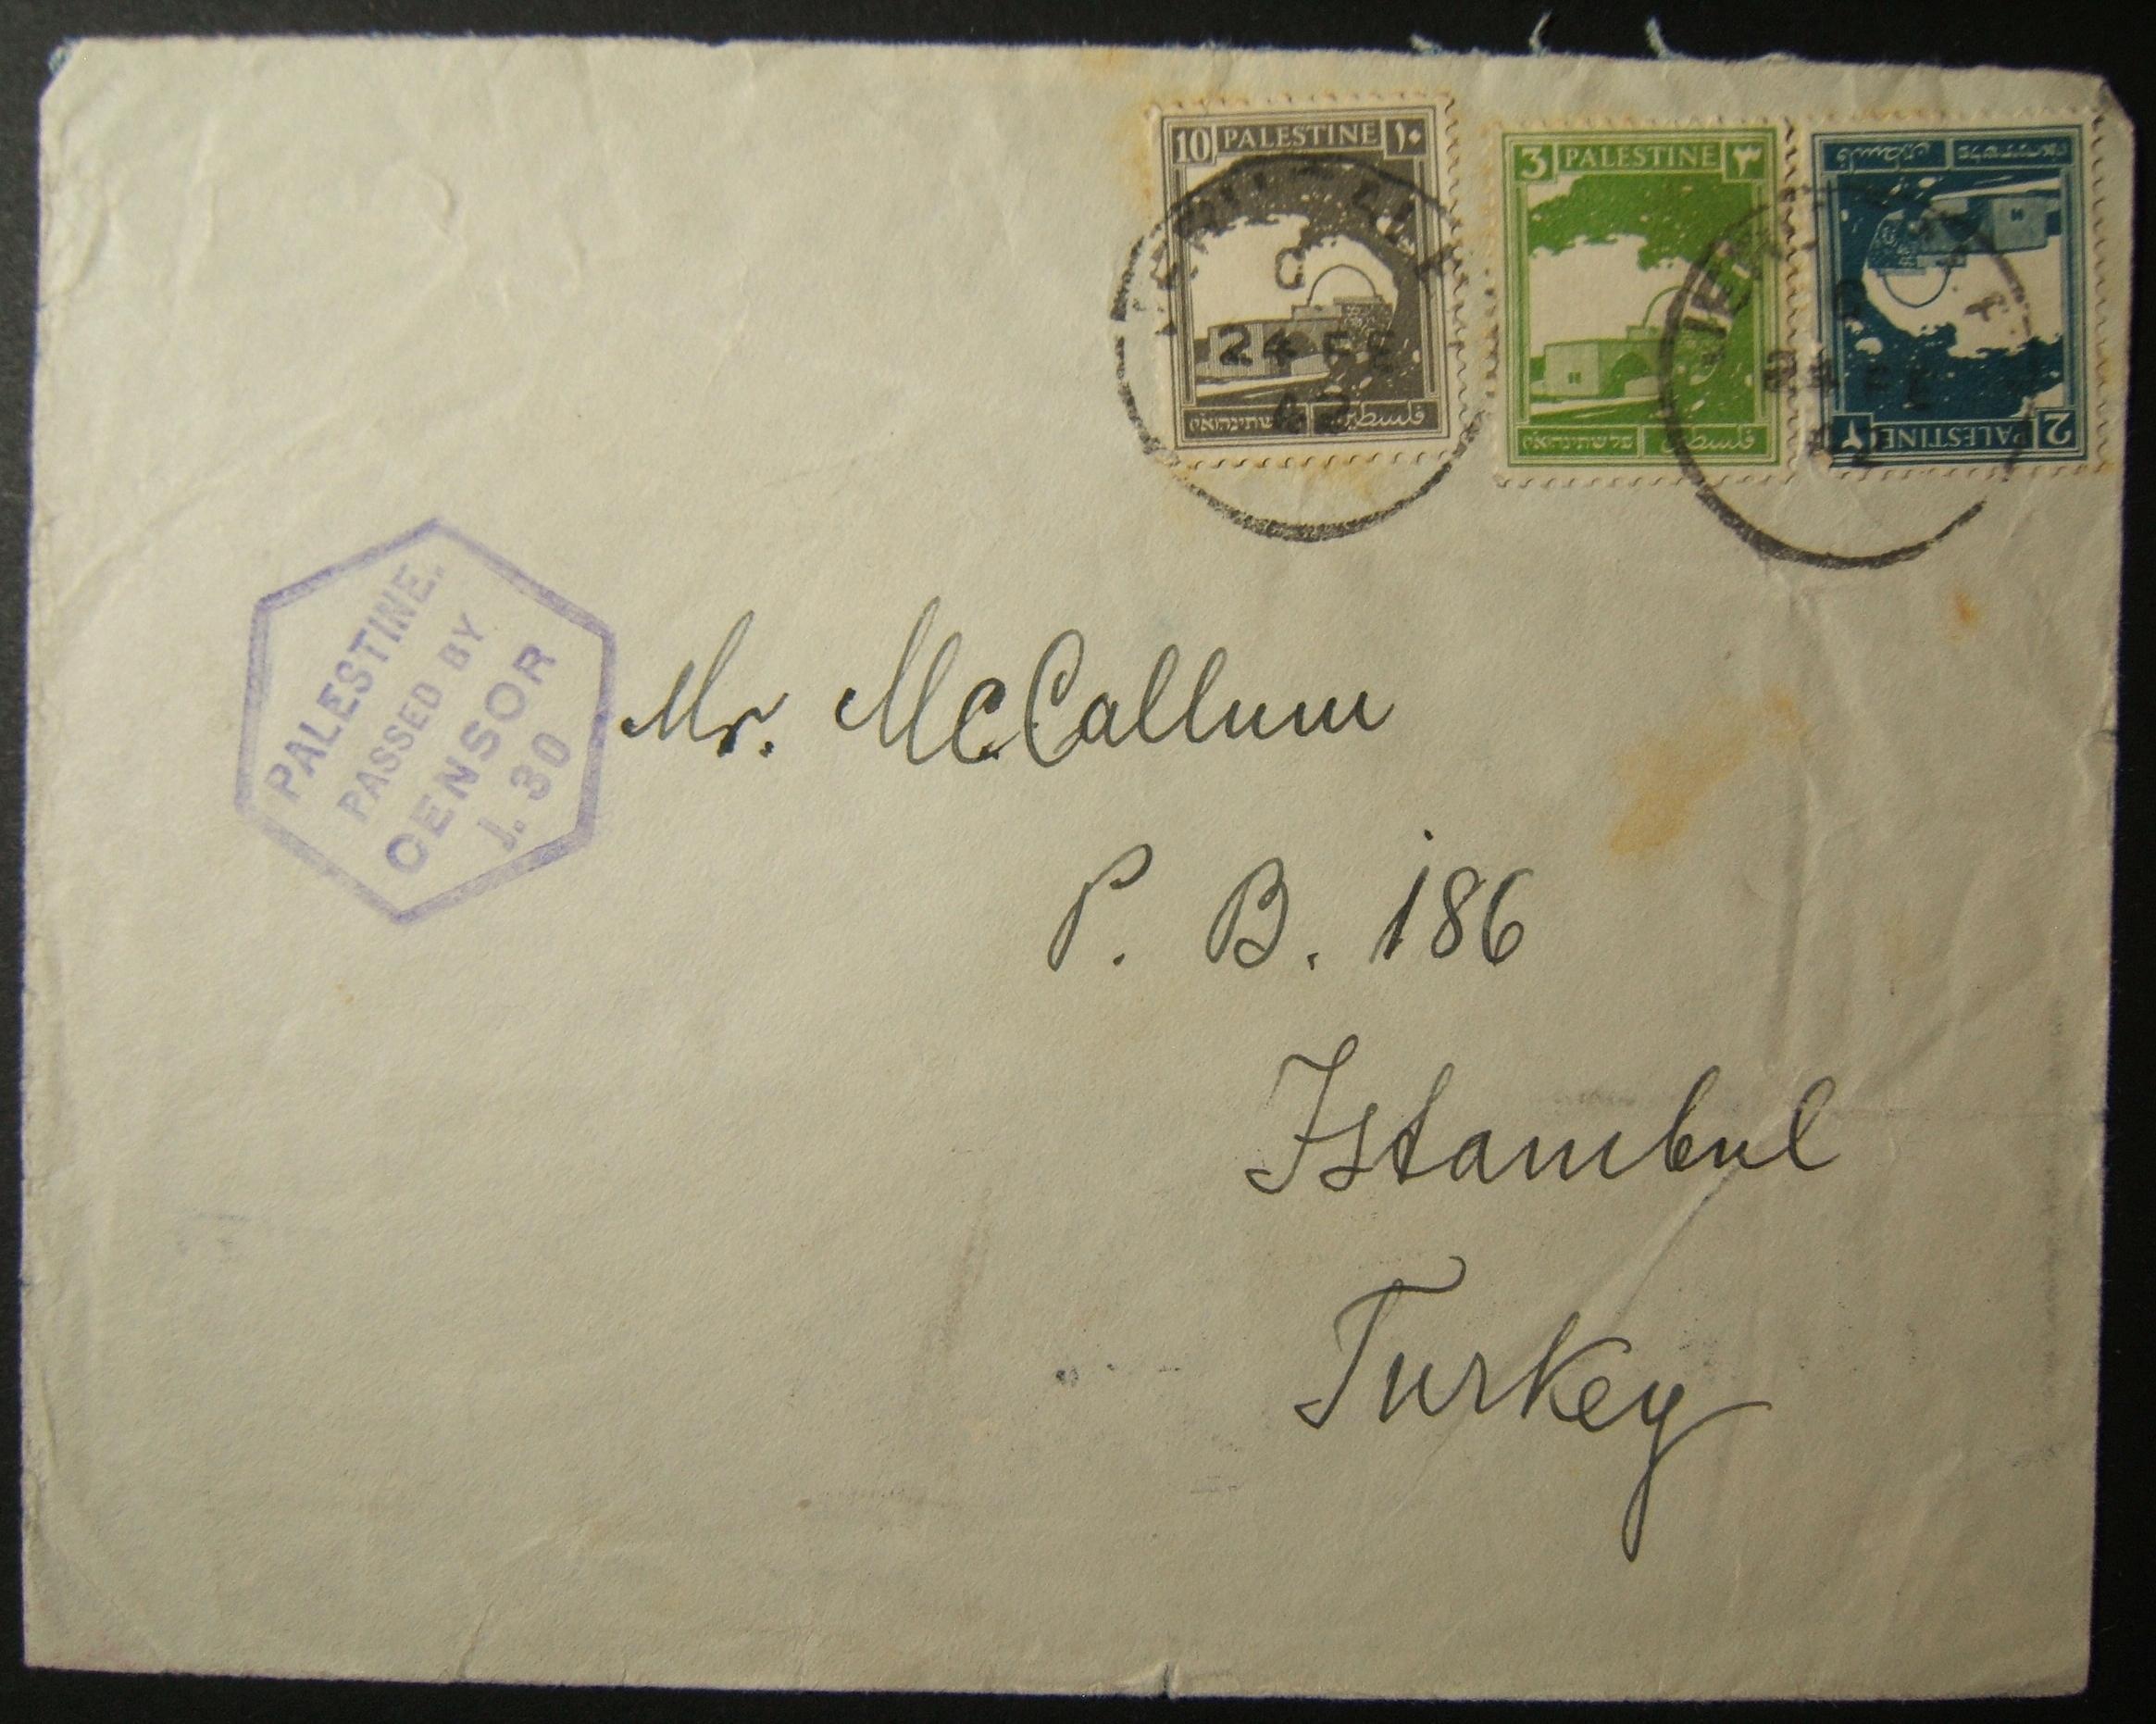 2/1942 WWII Mail von JERUSALEM an die verdeckte Adresse in ISTANBUL über ANKARA